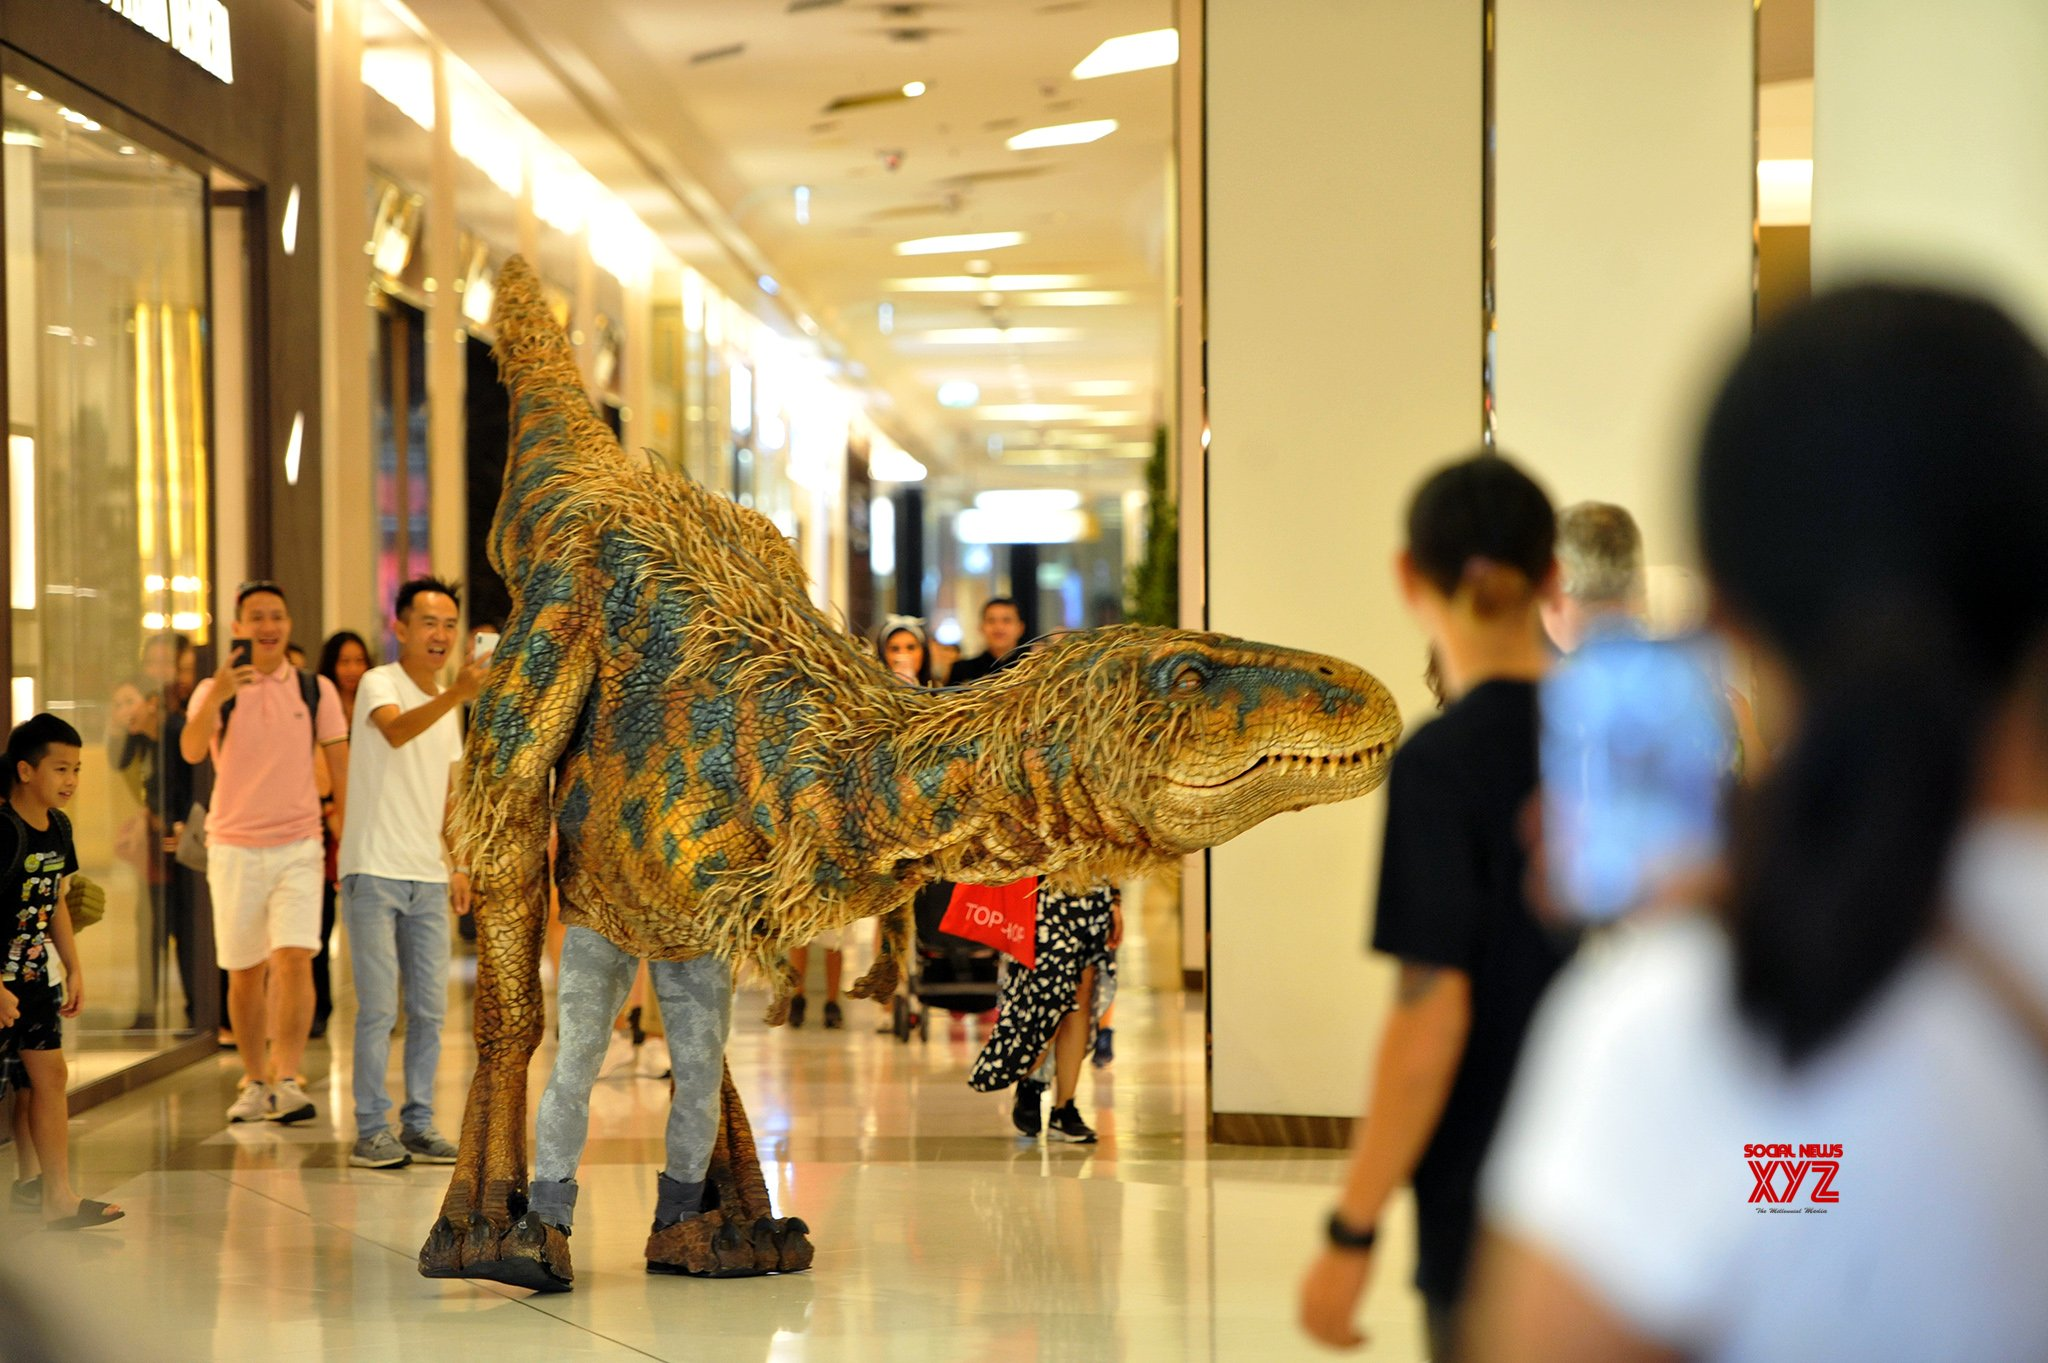 THAILAND - BANGKOK - WALKING WITH DINOSAURS #Gallery